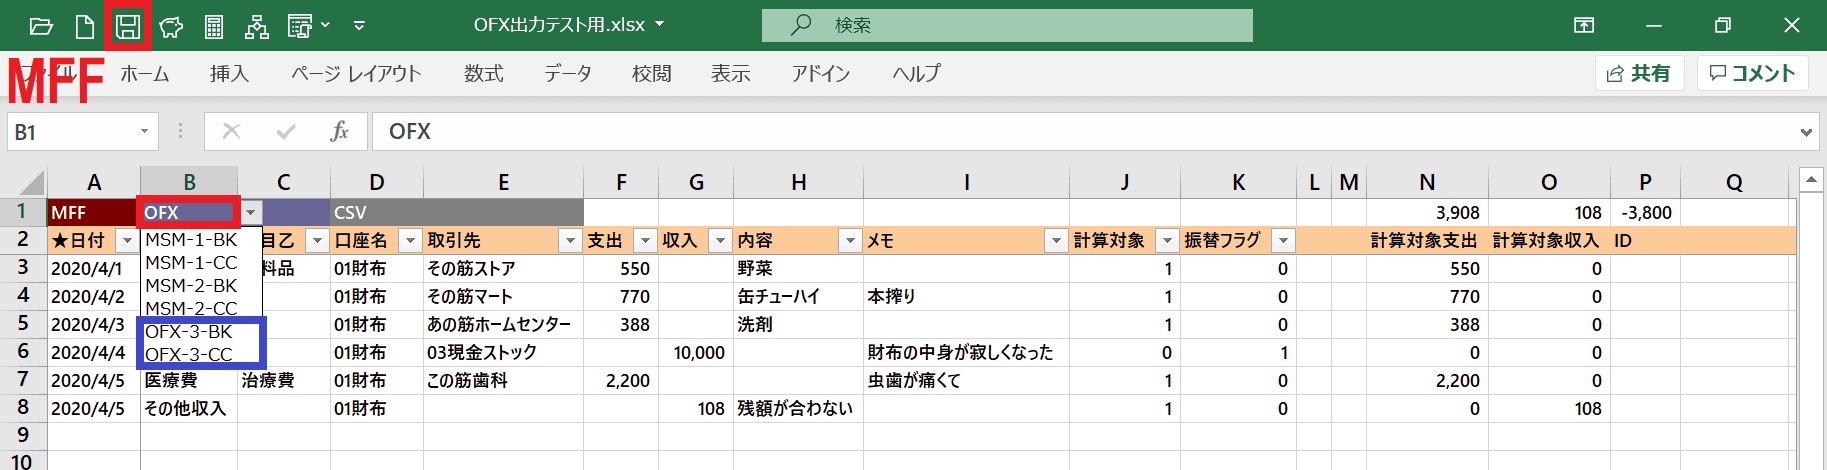 オンライン 簿 うきうき 家計